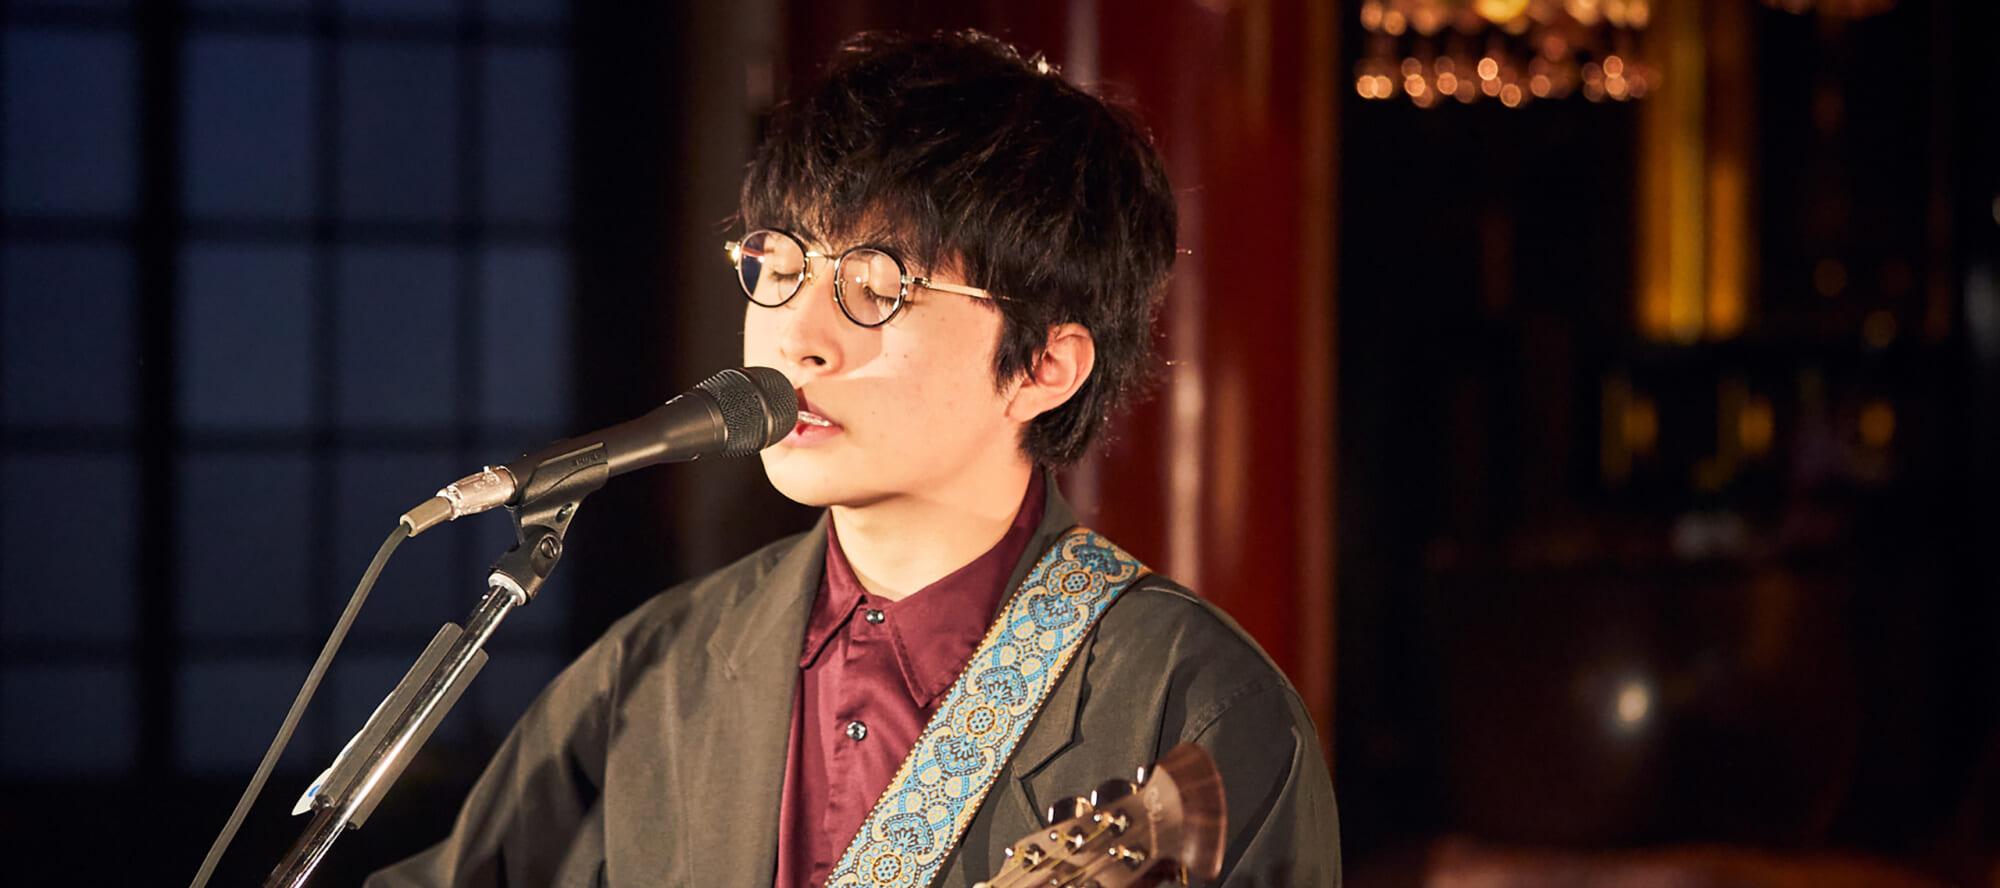 Interview | 崎山蒼志 待望のメジャー1st作が示した、恐るべき18歳の多面性。